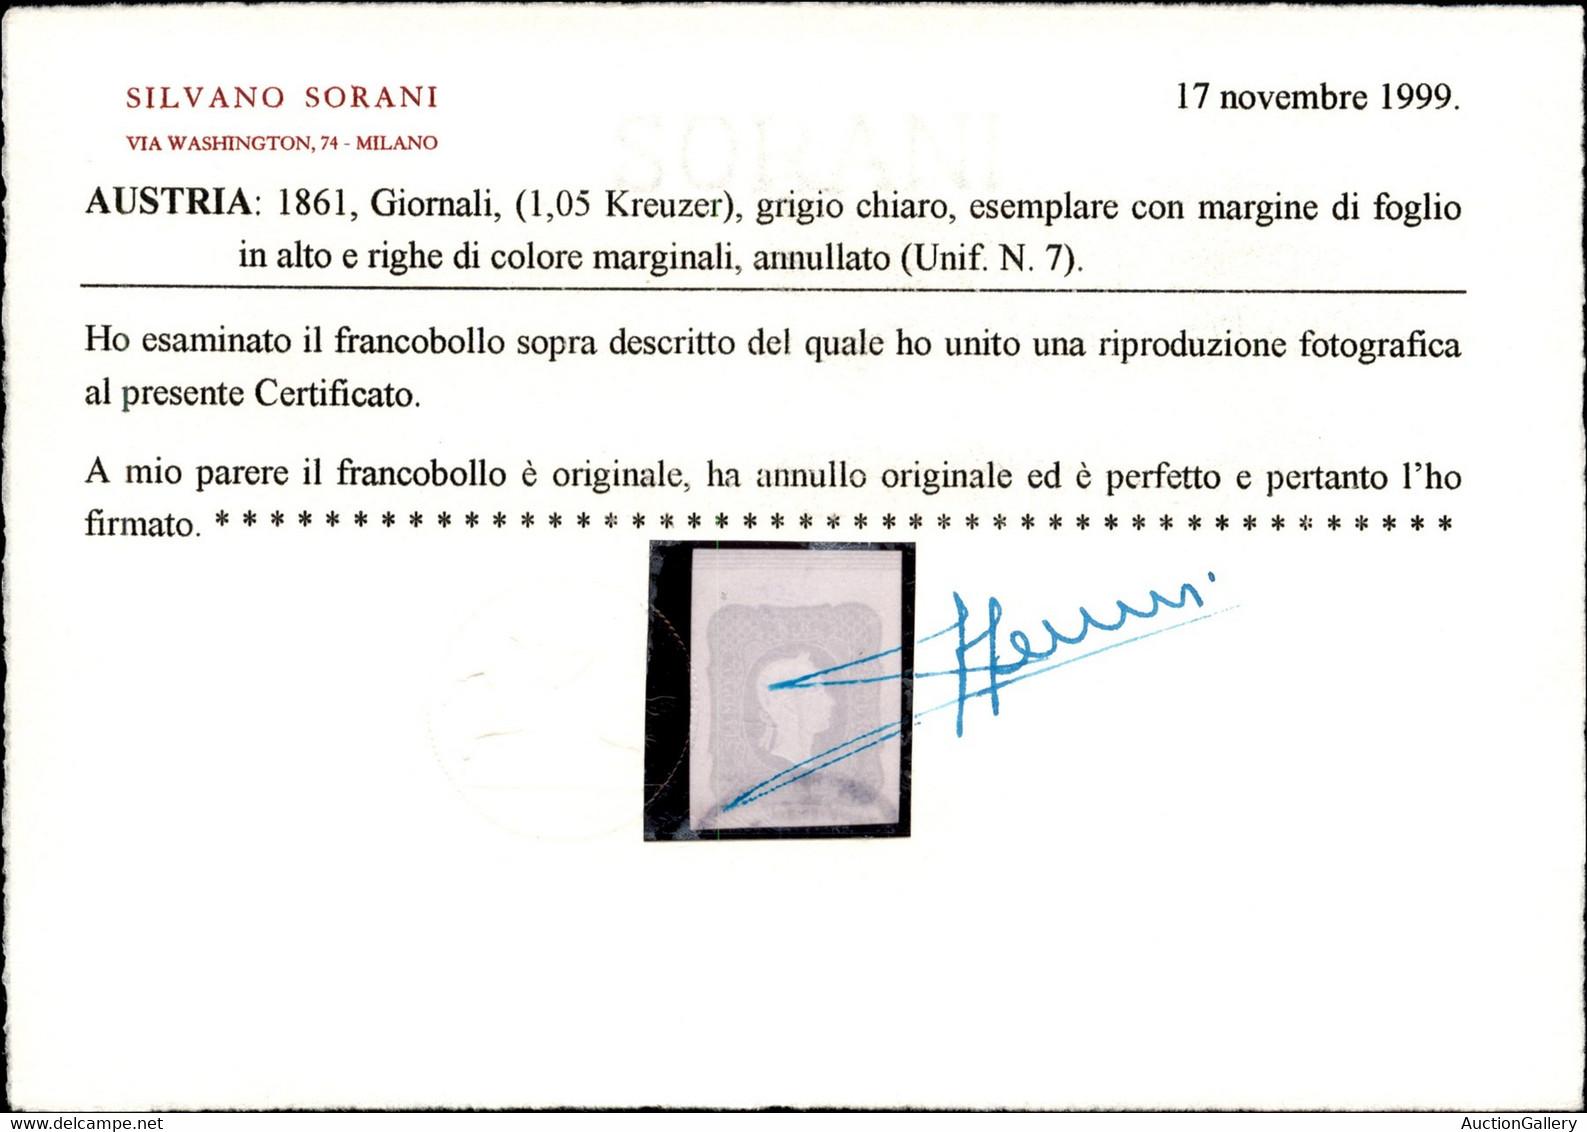 EUROPA - AUSTRIA - 1861 - Per Giornali - 1,05 Kreuzer (23) Usato Bordo Foglio In Alto Con Righe Marginali - Cert. Sorani - Sin Clasificación